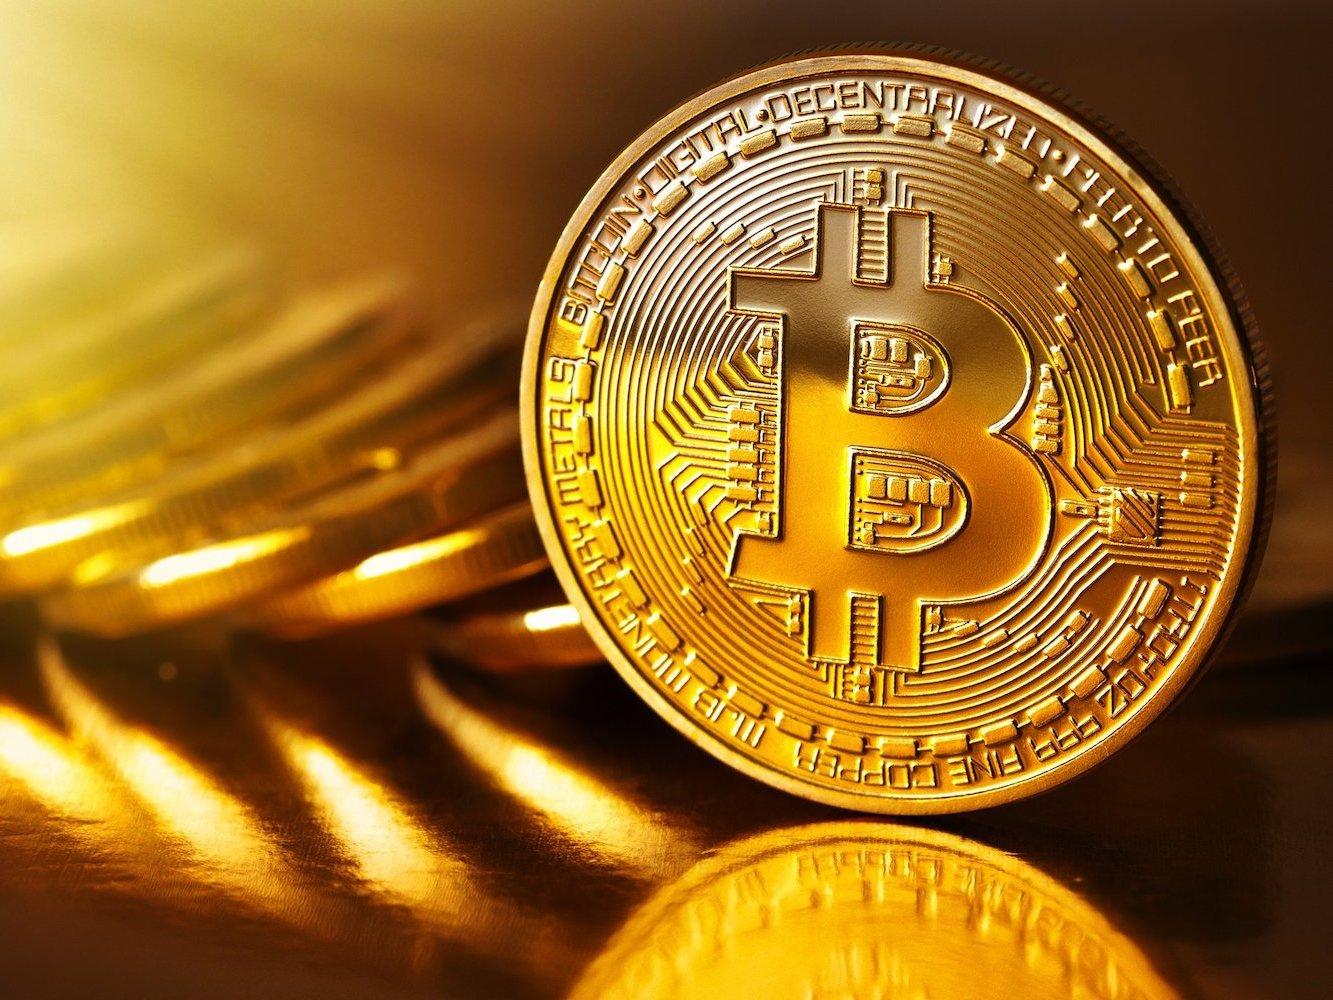 Ukraine's Bitcoin market amounts to USD 2.5bn ─ Citigroup